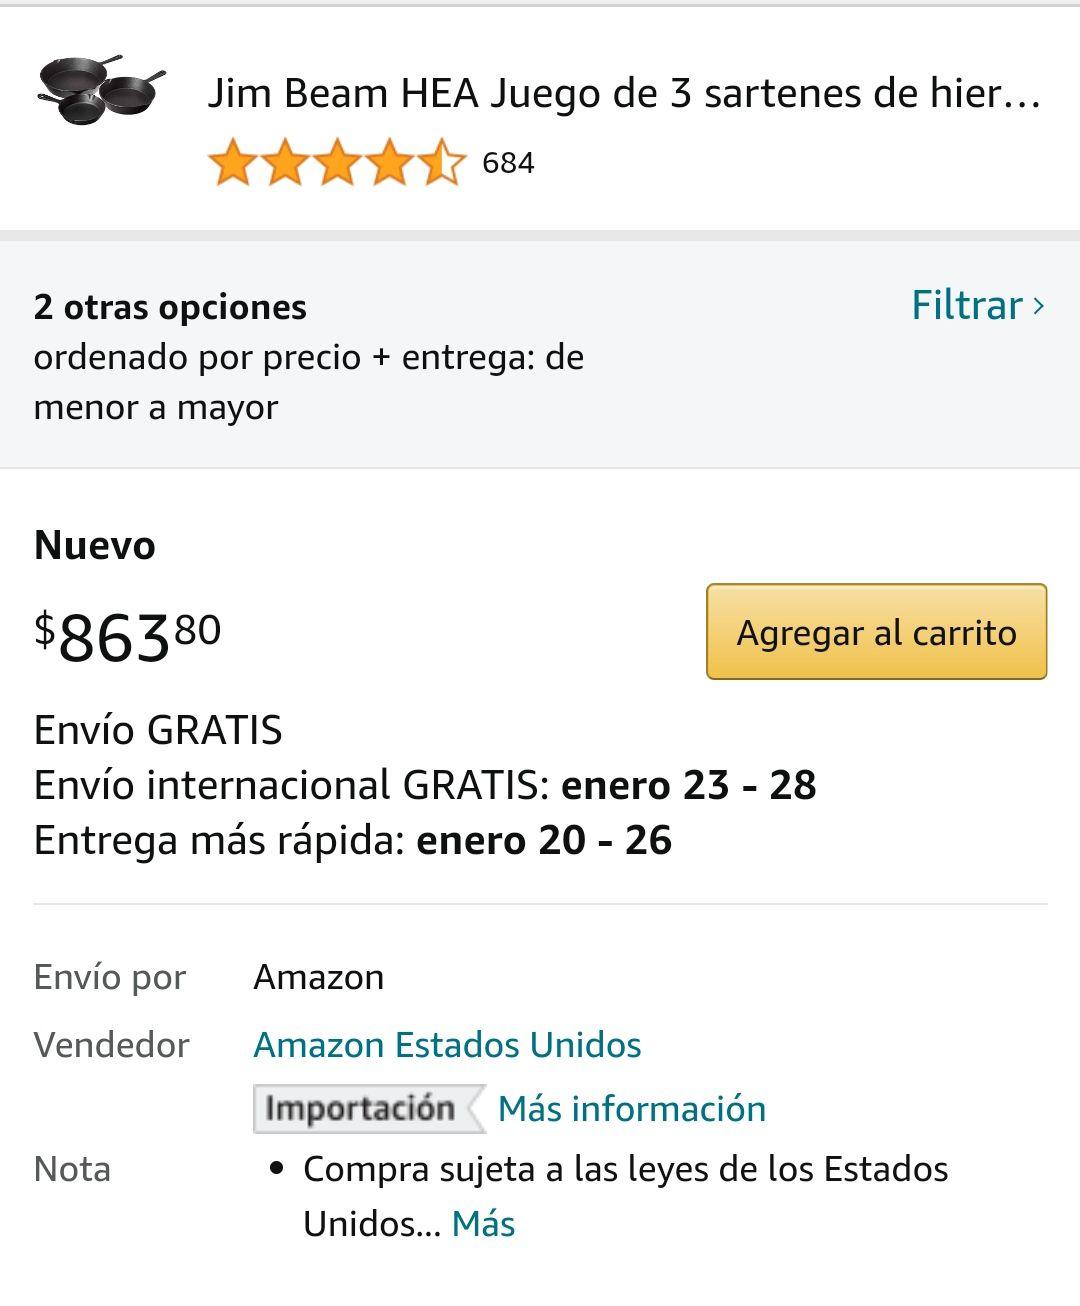 Amazon: Juego de 3 sartenes de hierro fundido Jim Beam